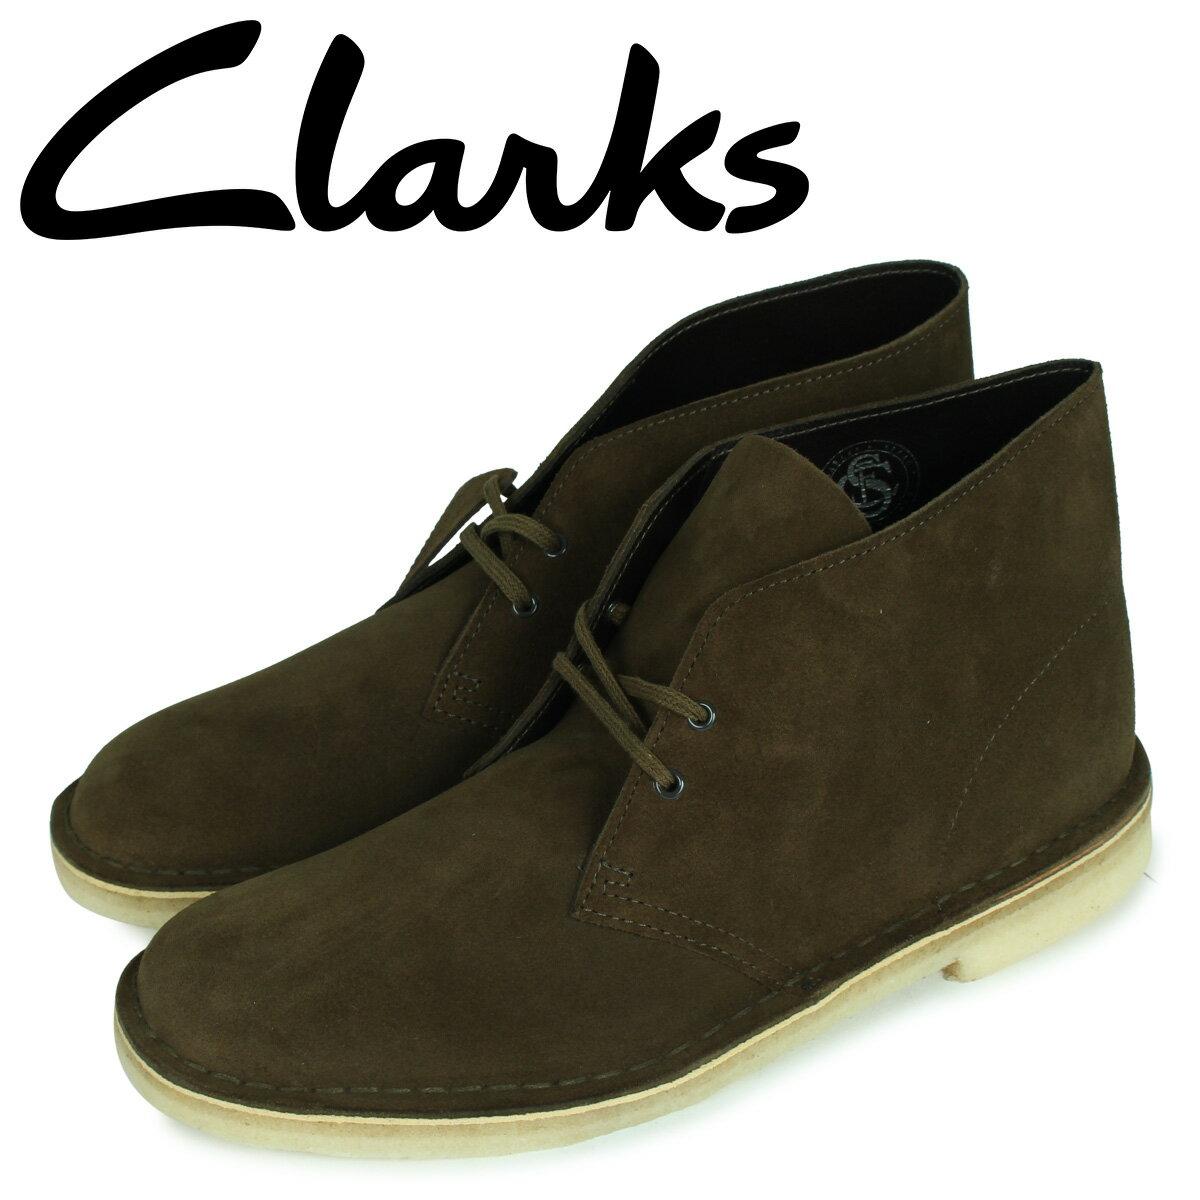 クラークス CLARKS デザート ブーツ メンズ DESERT BOOT ダーク オリーブ 26147292 [10月 新入荷]